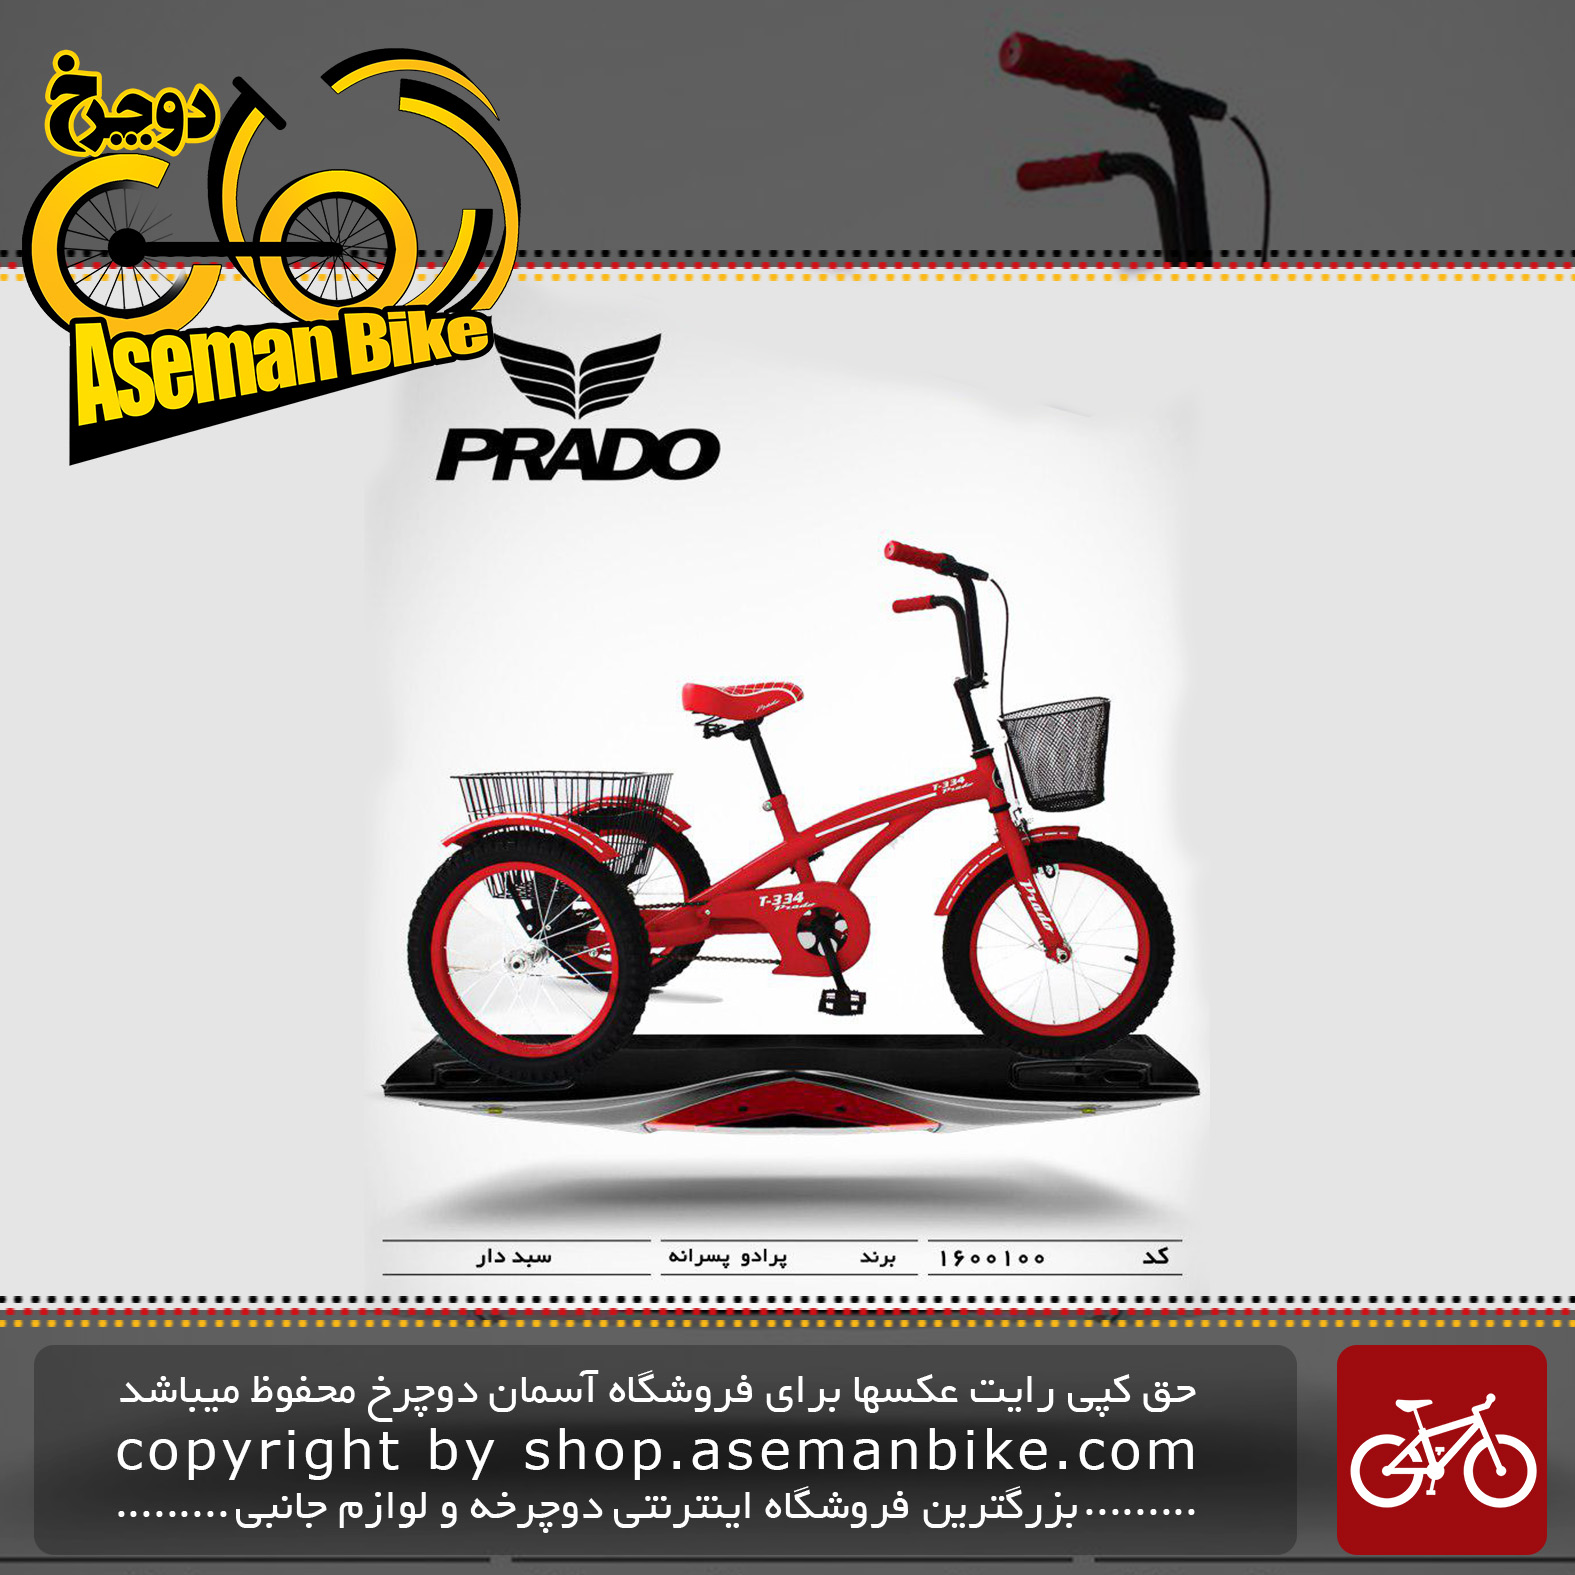 سه چرخه پرادو تایوان صندوق و سبد مدل 100 سایز 16 PRADO Bicycle 3 Wheel 100 Size 16 2019